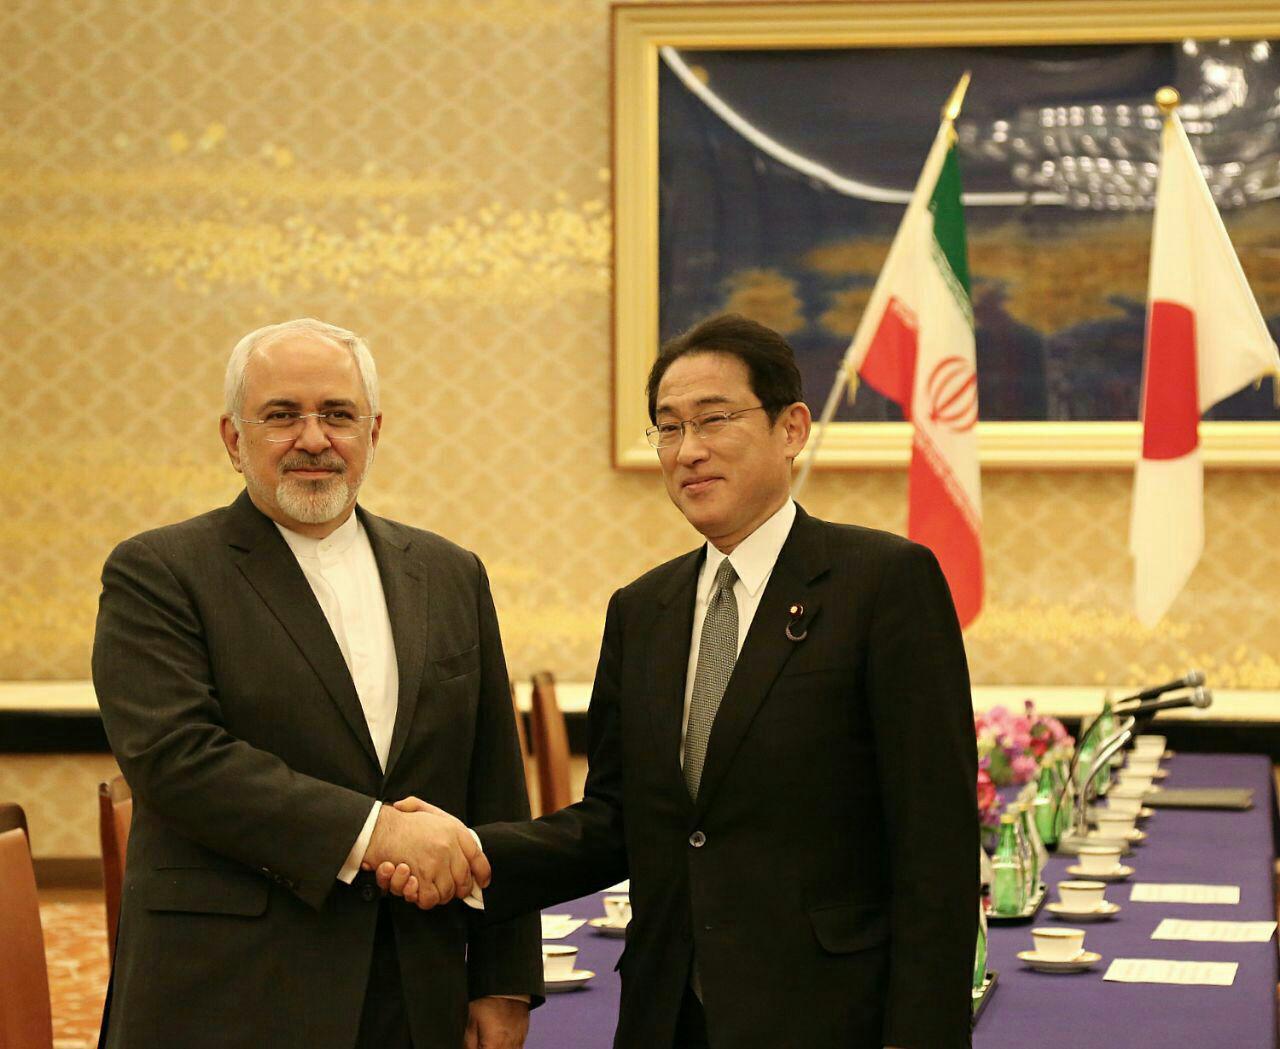 وزير الخارجية الياباني يعلن دعم طوكيو التام لتنفيذ الاتفاق النووي